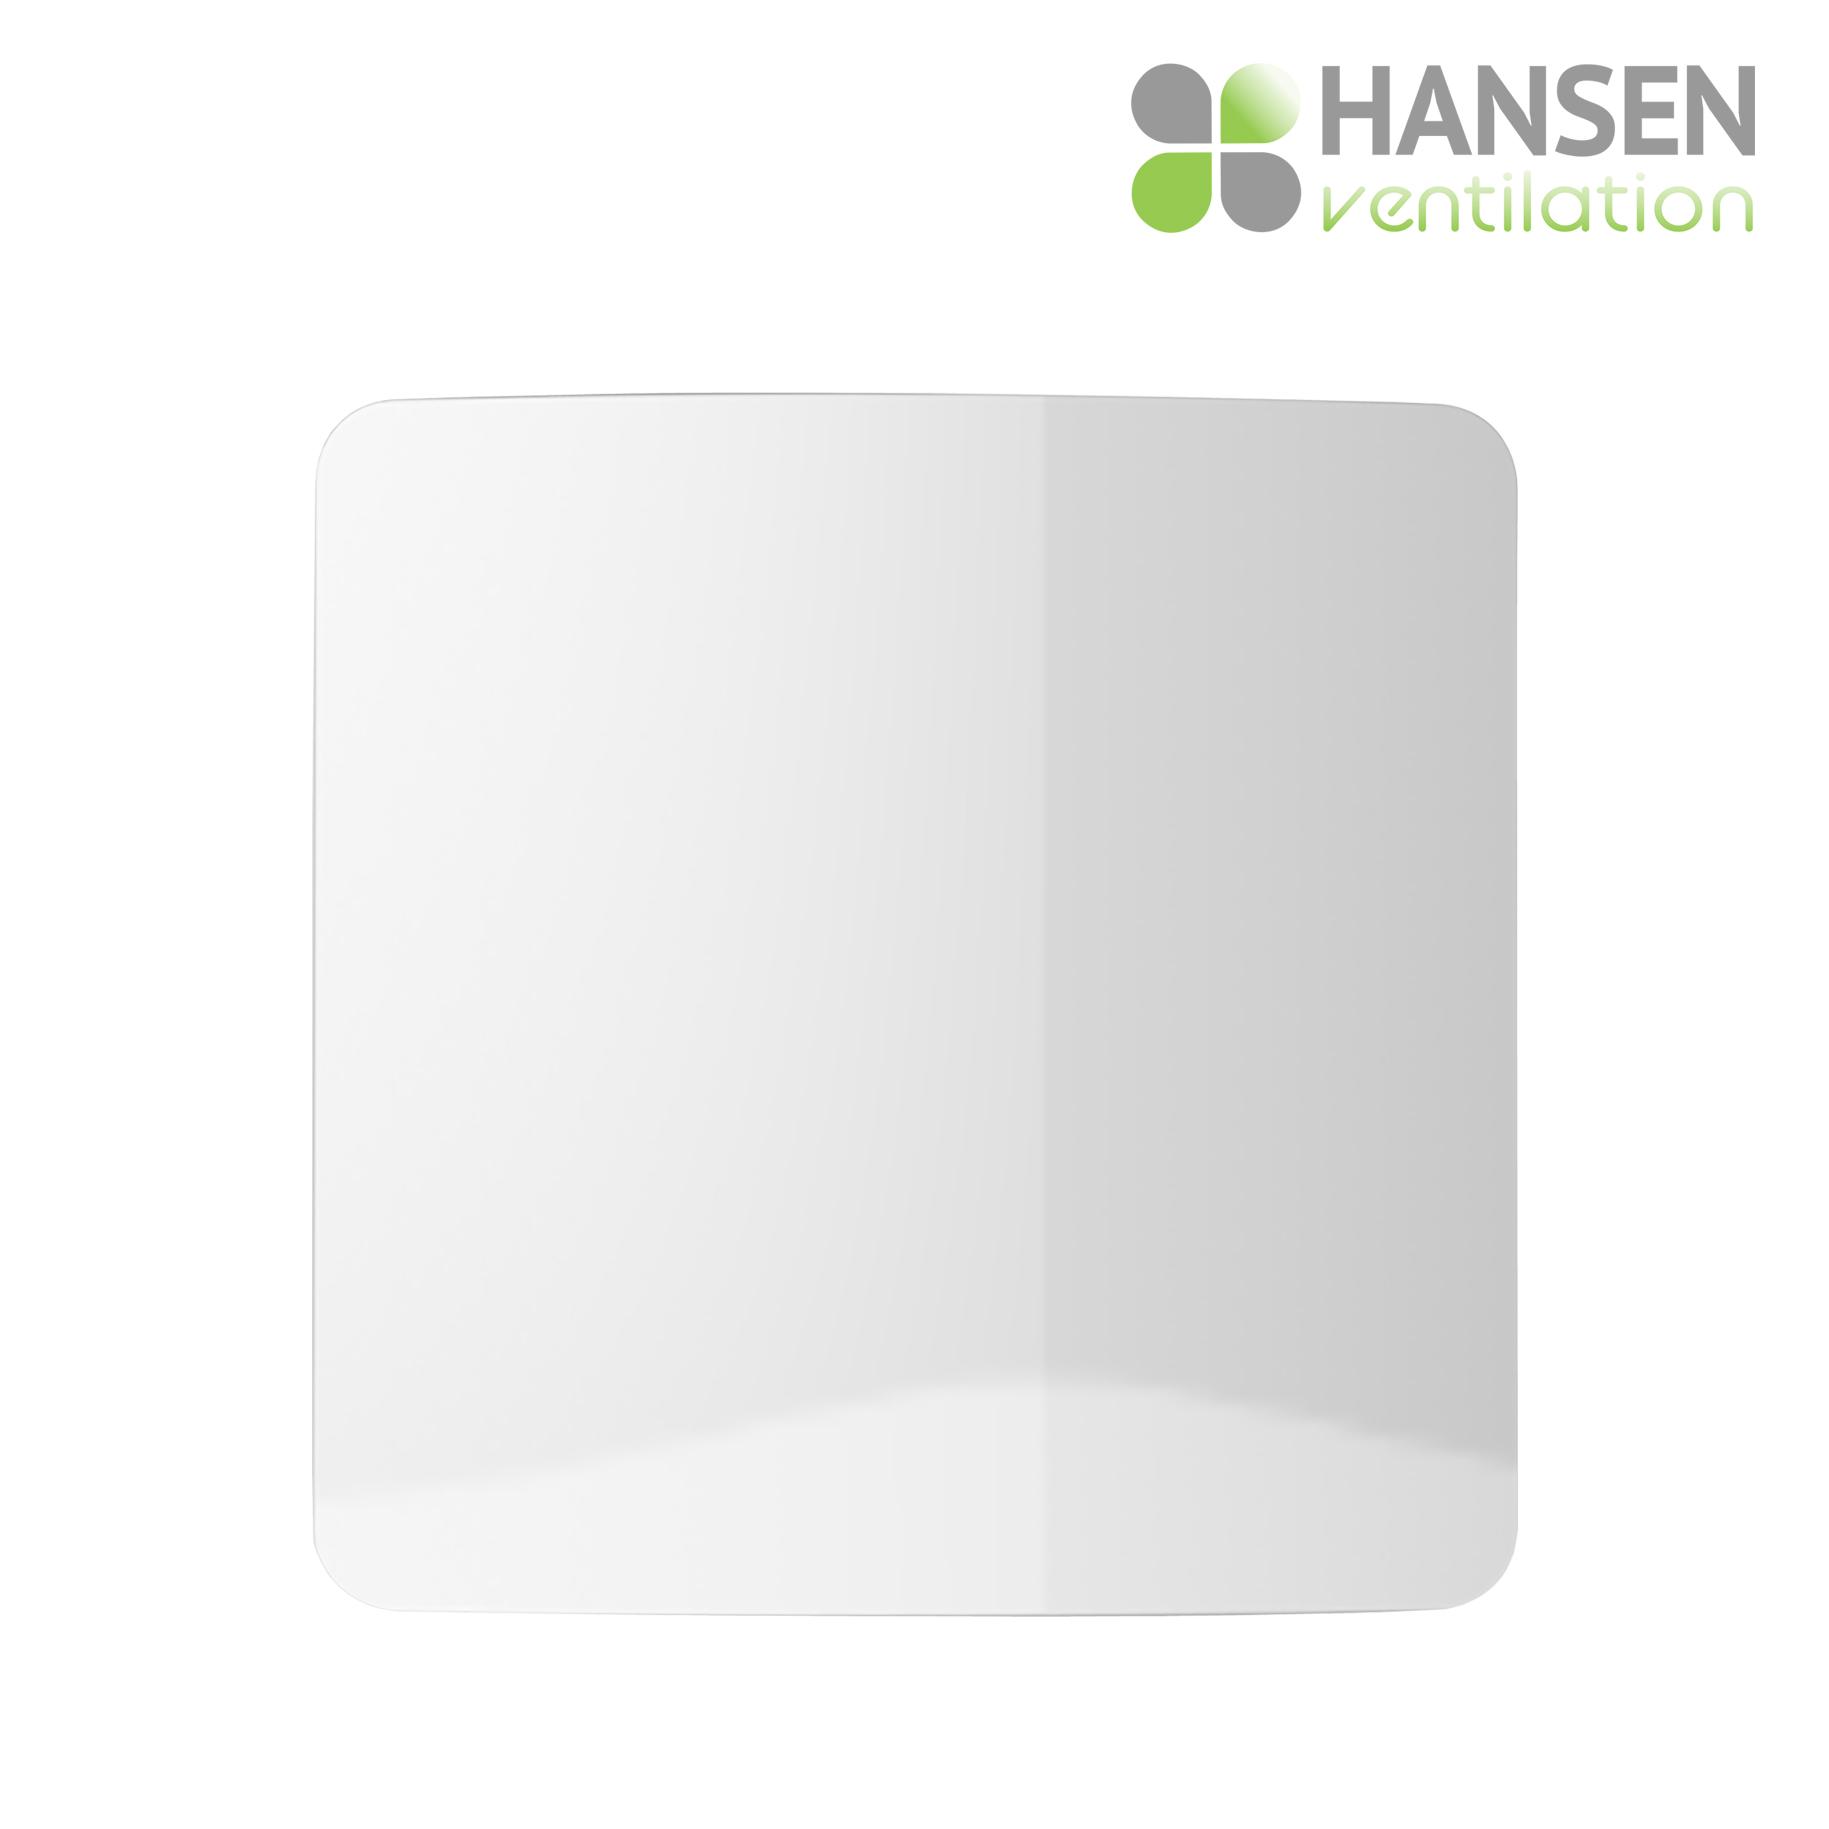 HANSEN ECO Active 150 rekuperator lokalno prezračevanje maska izgled tersus